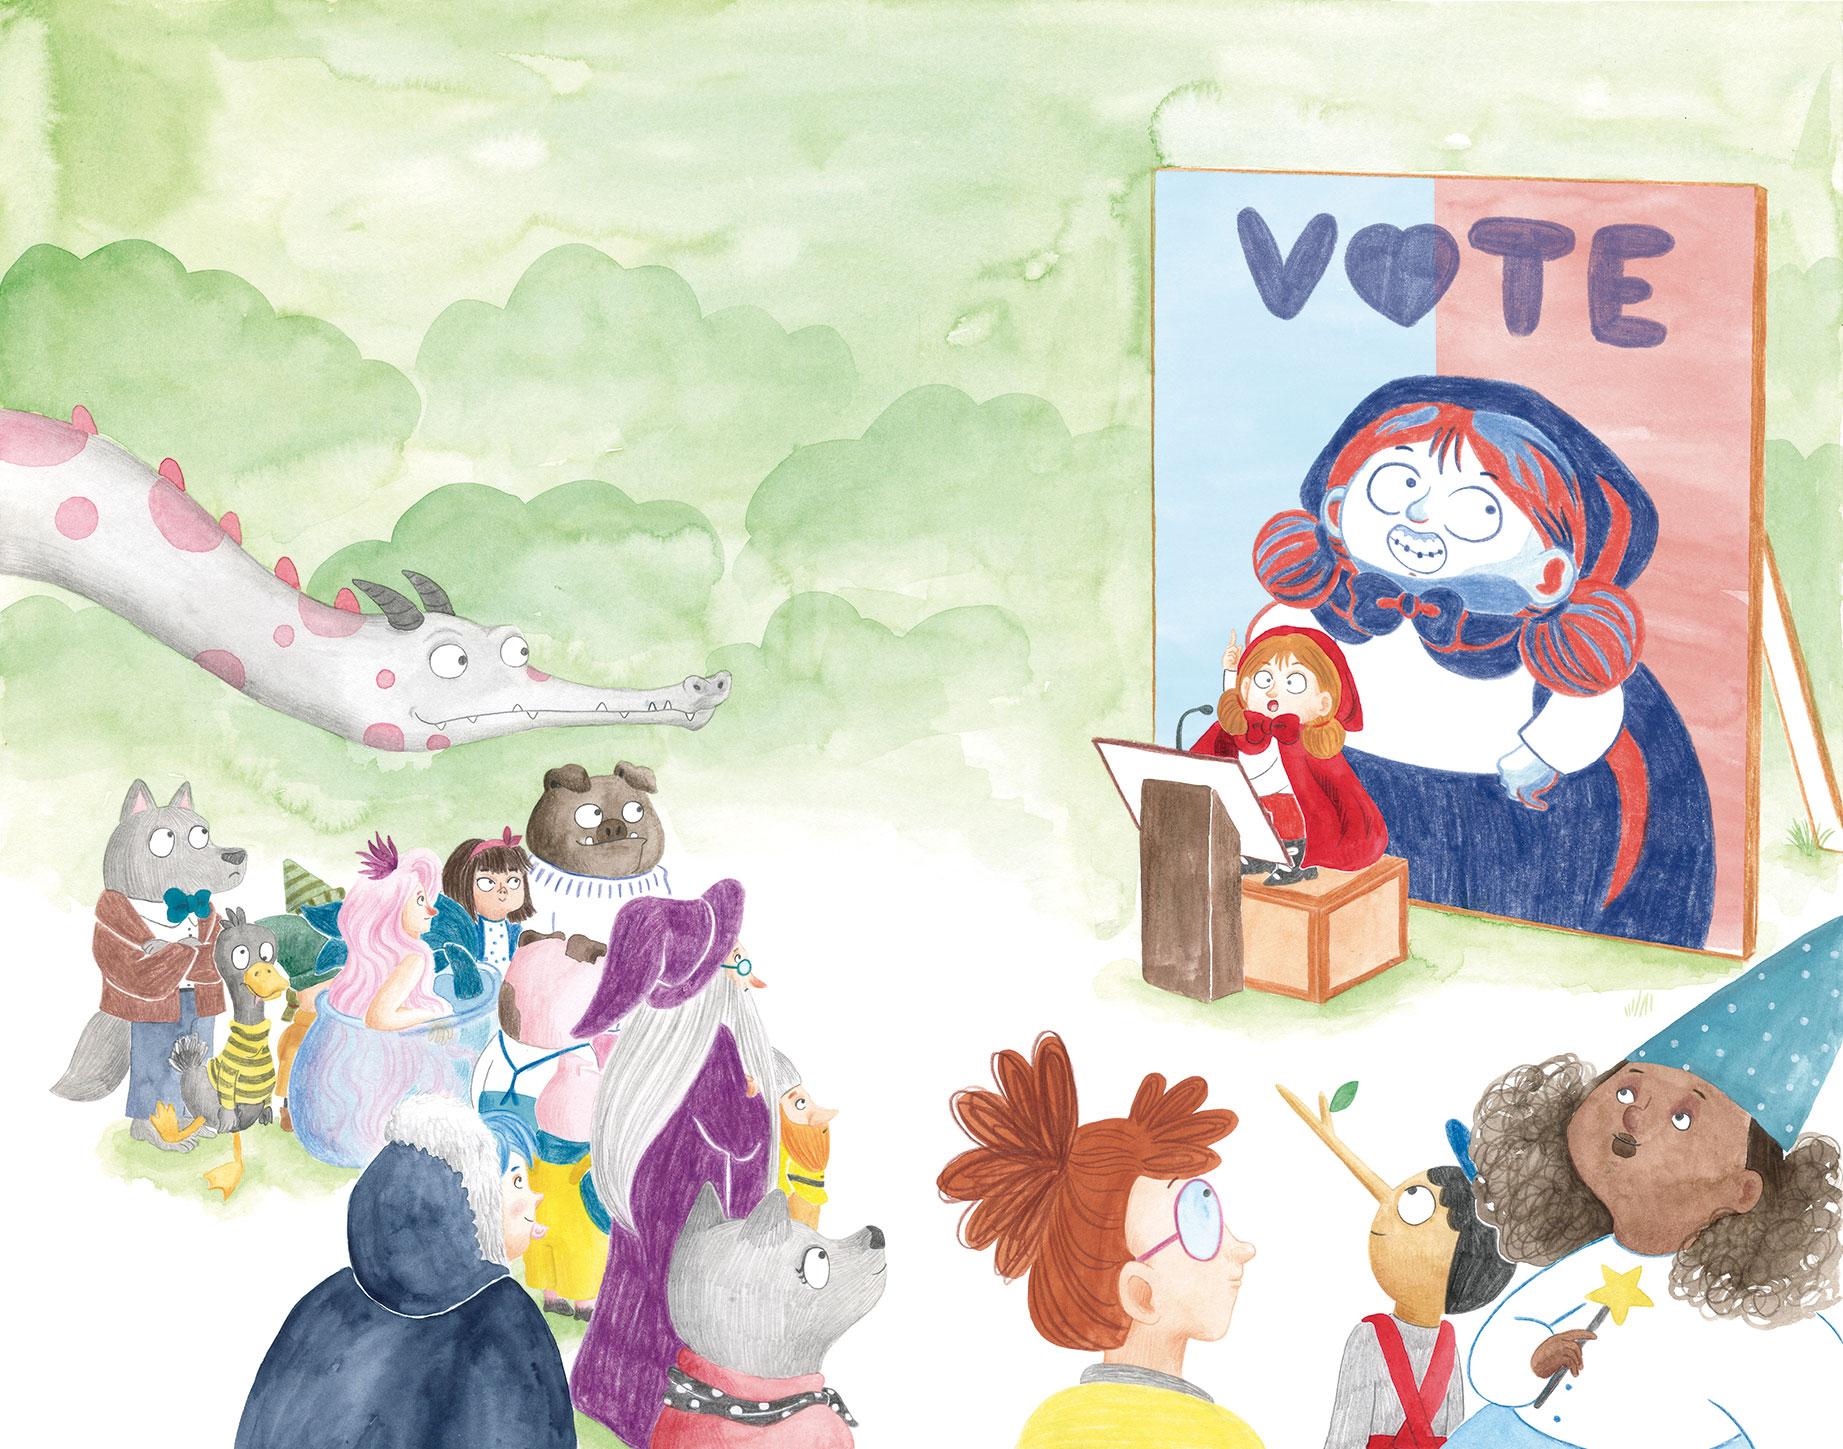 Excelentísima Caperucita, El Hematocrítco, Anaya, cuentos clásicos, Feliz Feroz, parodia de personajes de cuentos clásicos, campaña electoral, elecciones, jornada de reflexión, mitin electoral,